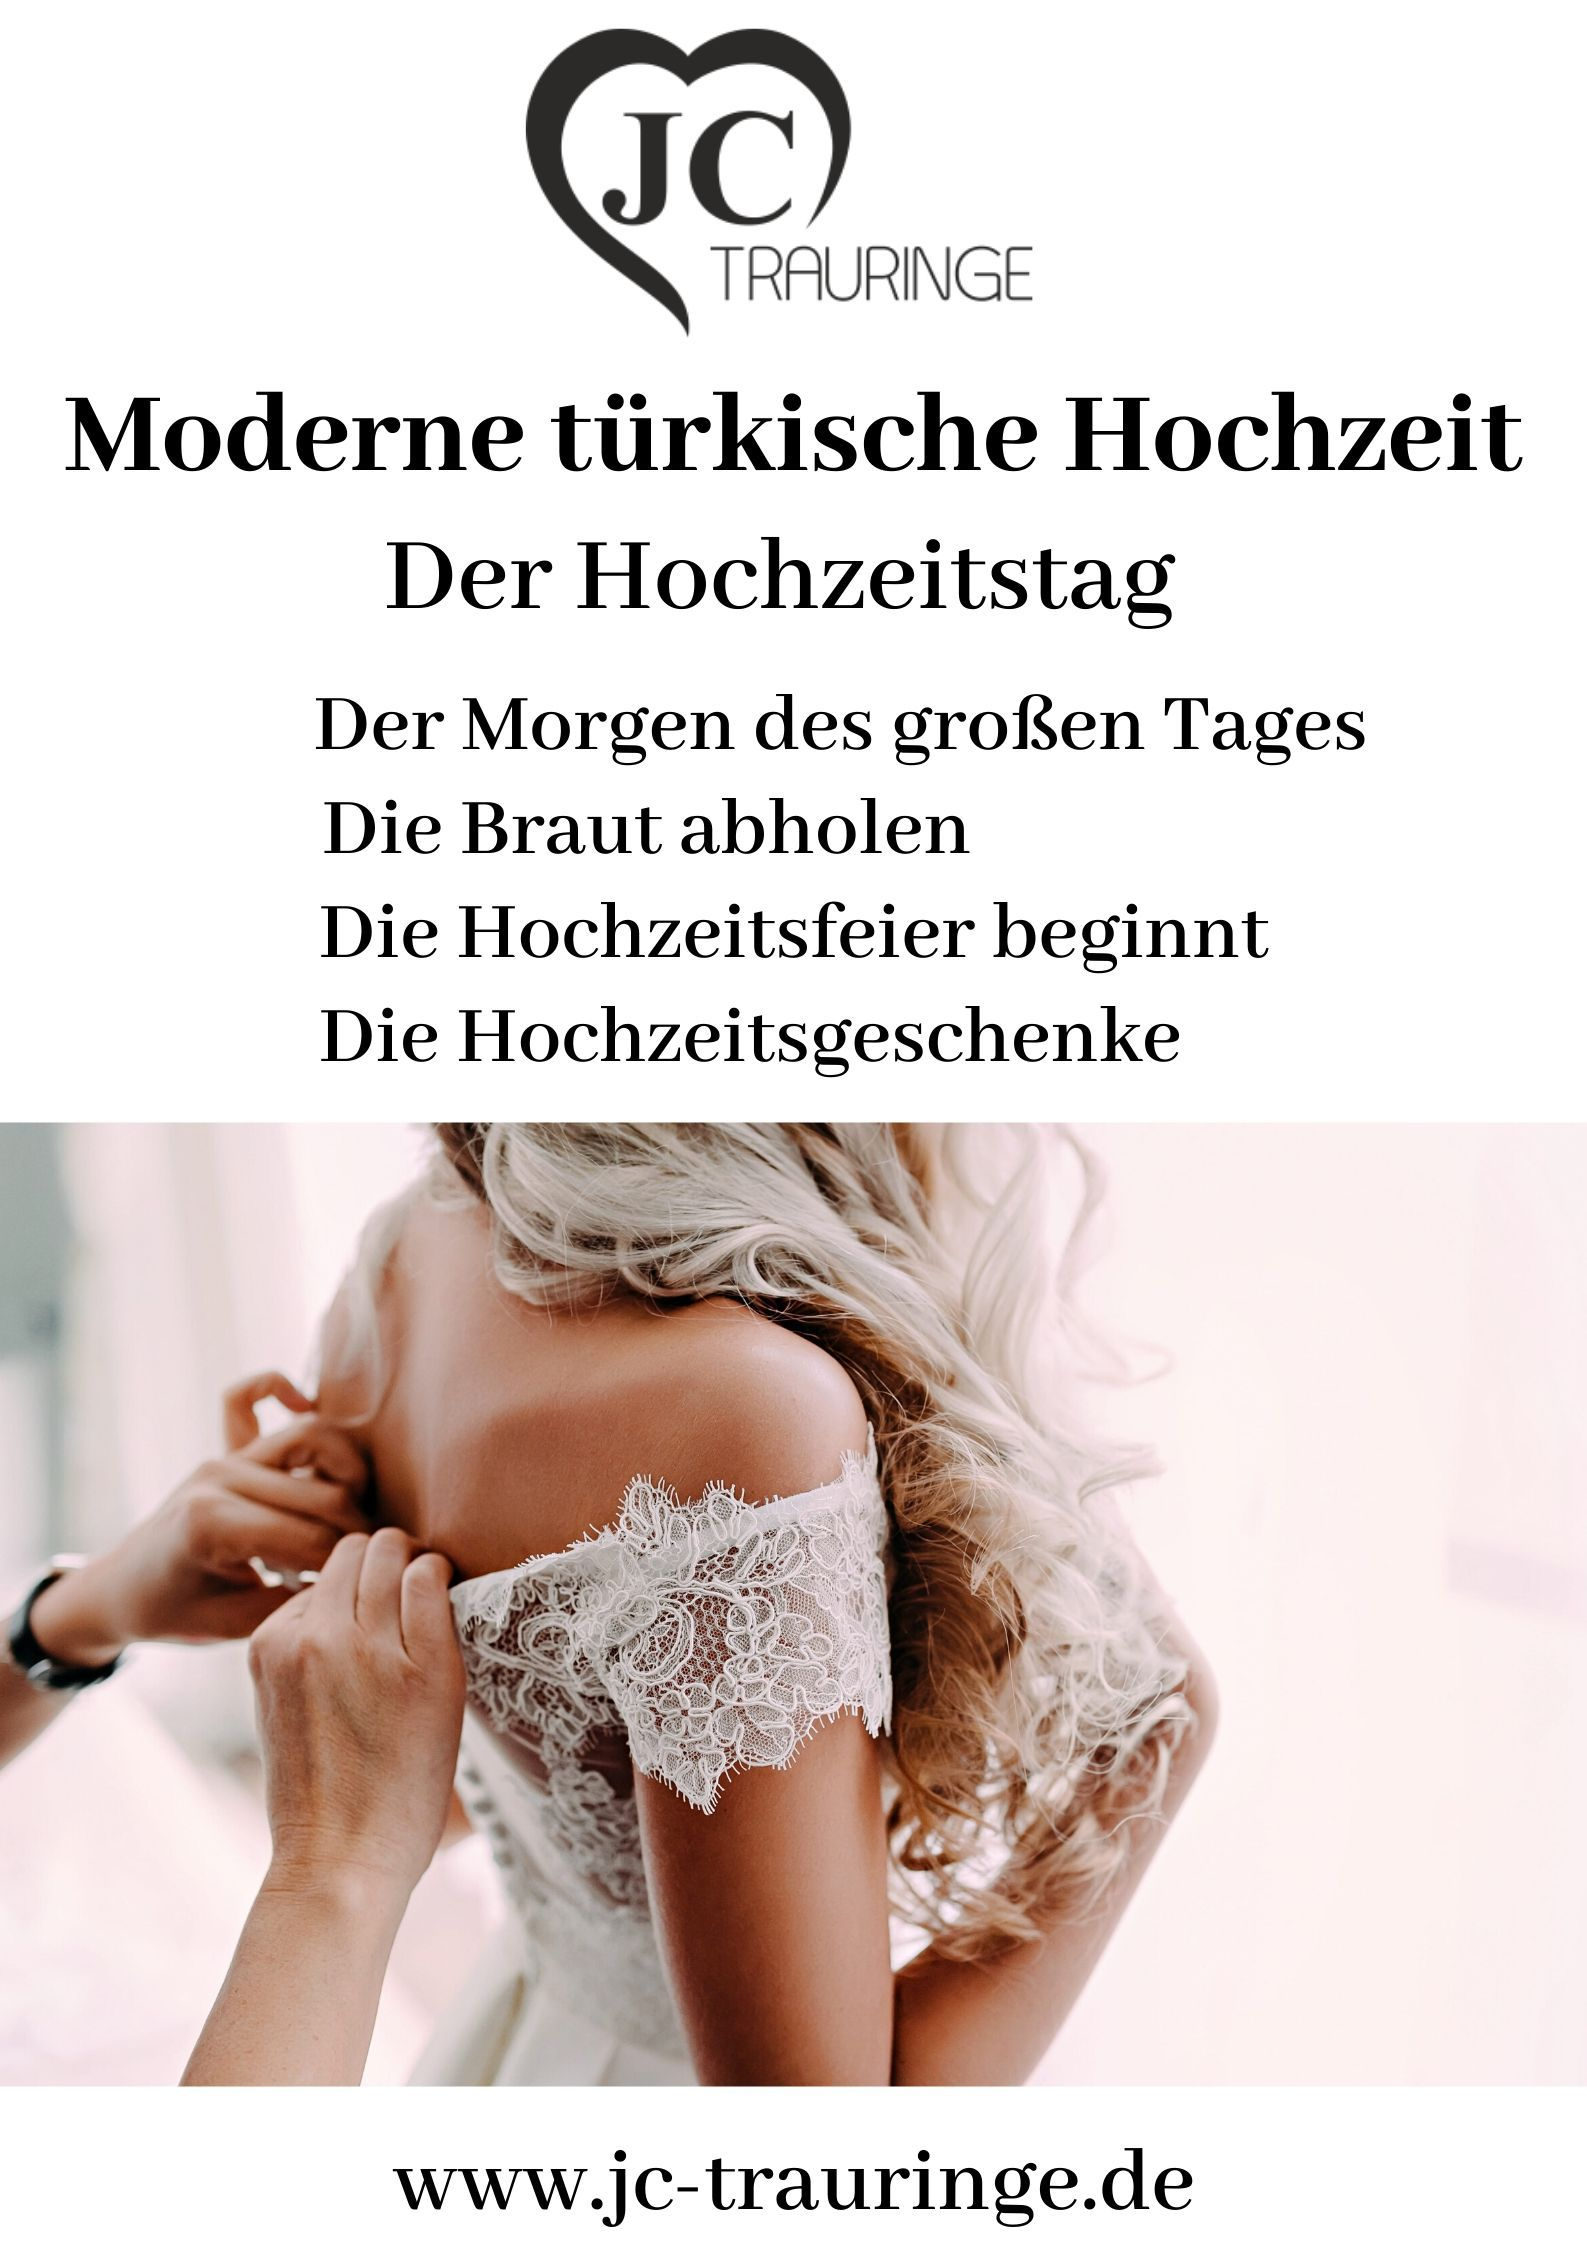 Moderne Turkische Hochzeit In Deutschland Turkische Hochzeitsbrauche Im Uberblick Turkische Hochzeit Hochzeit Ablauf Hochzeit